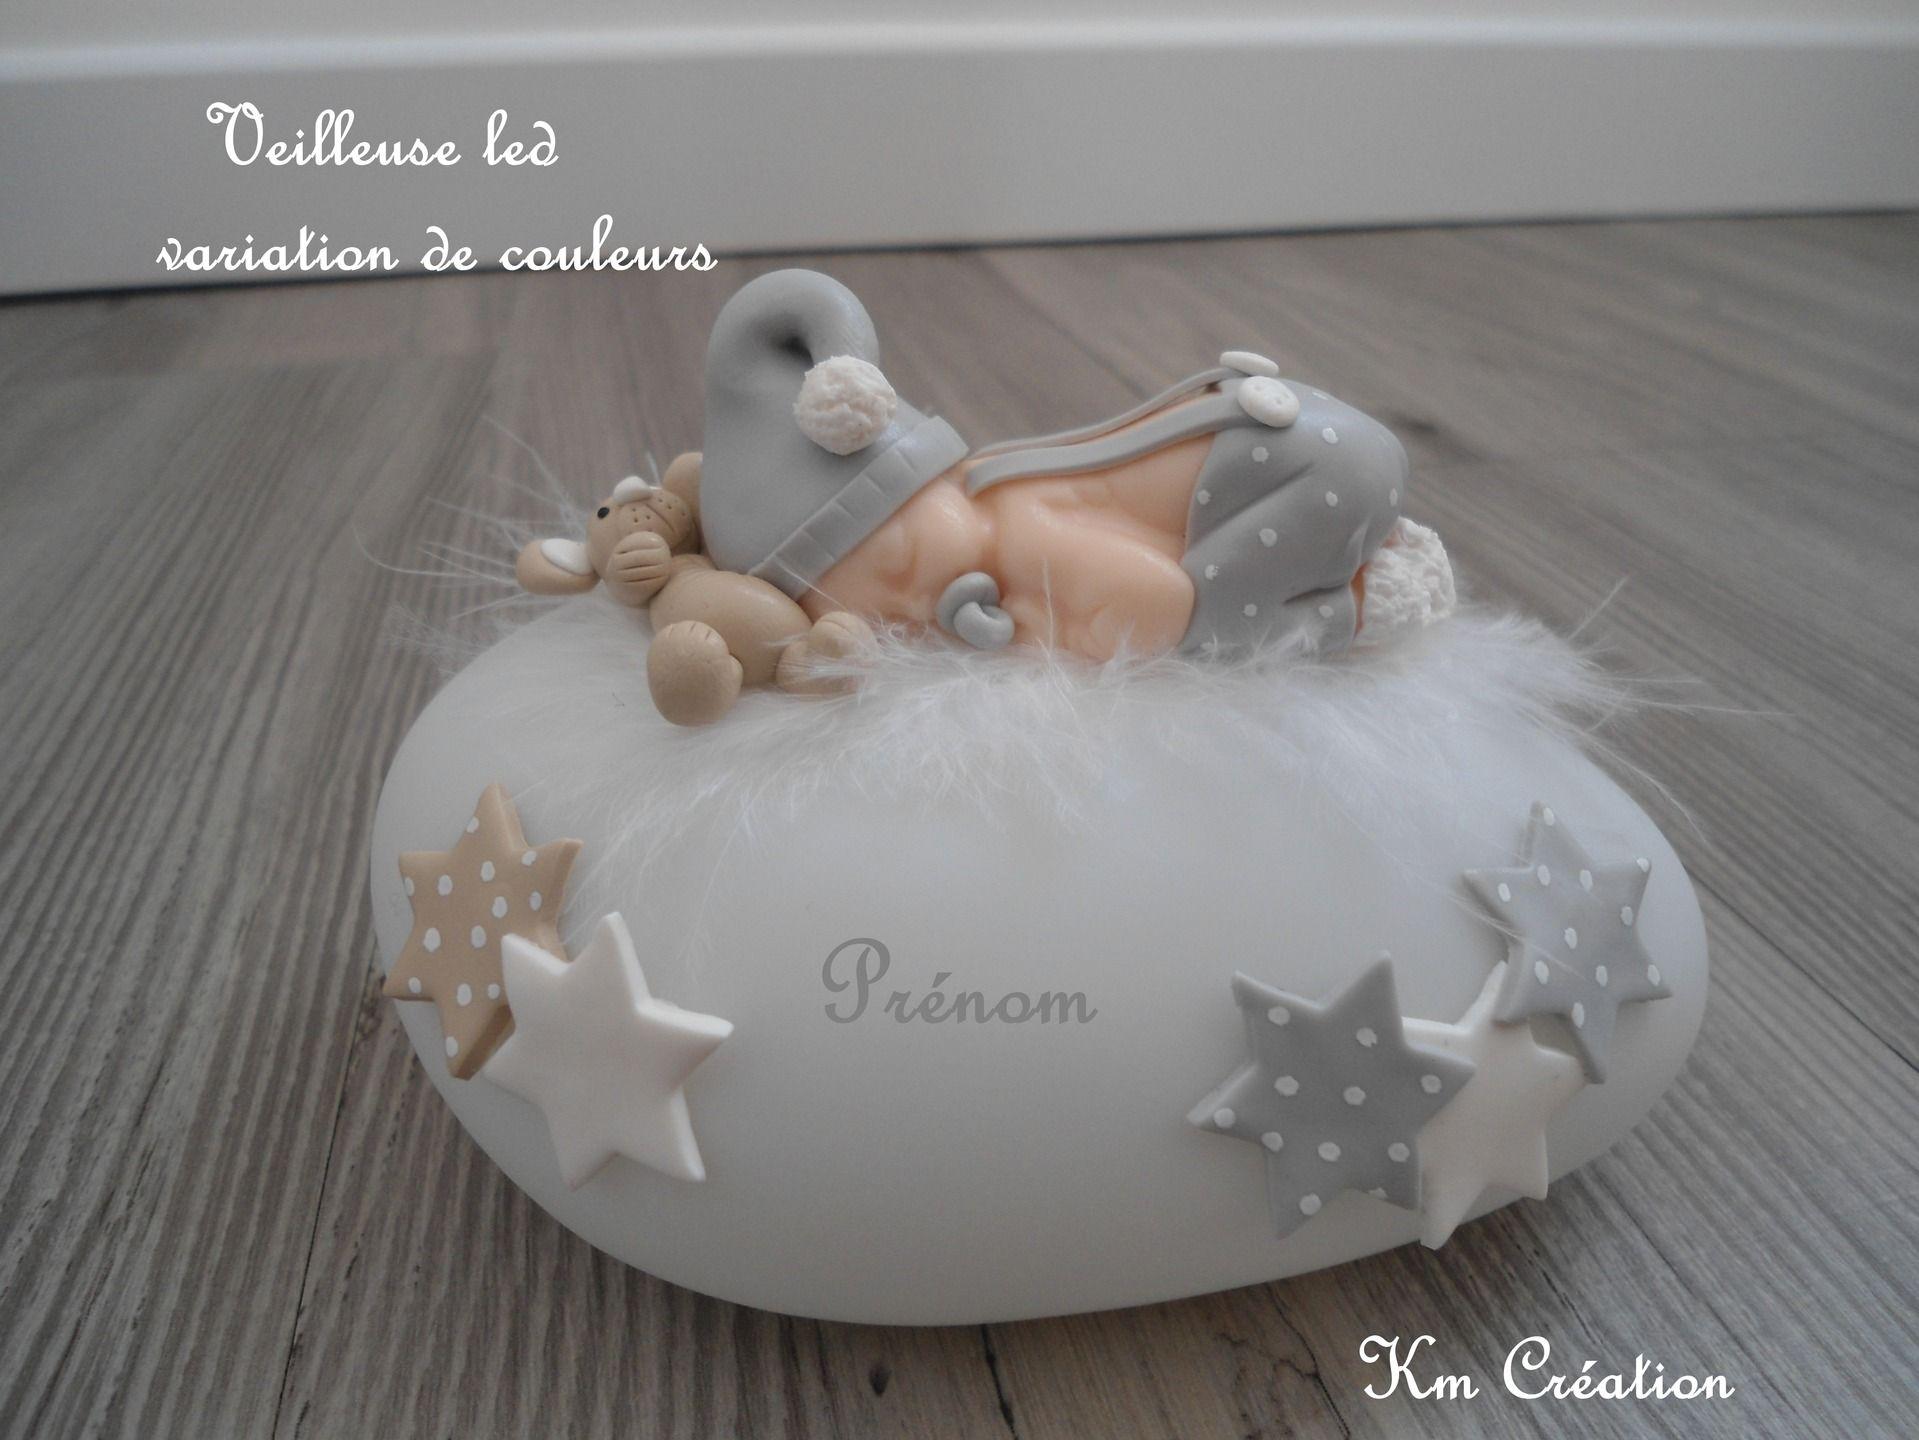 df4929cedb4b Veilleuse led ,bébé en fimo et son doudou   Décoration pour enfants ...